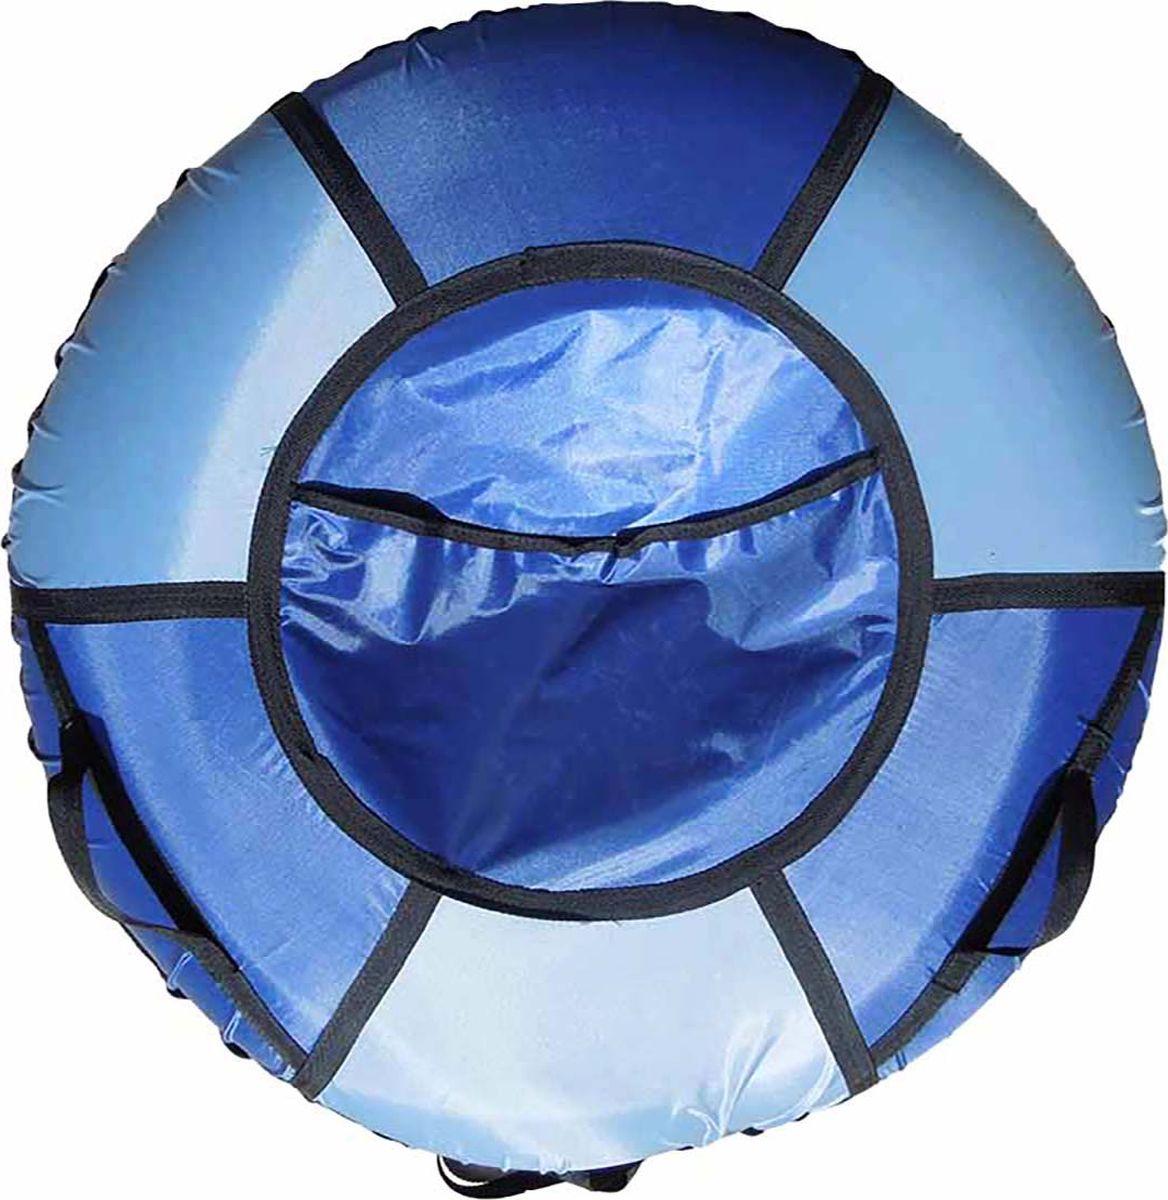 Тюбинг Эх, Прокачу! Профи-6, цвет: серый, синий, 70 смСП70-6-4Качественные бюджетные санки-ватрушки для катания по снегу из 6 секций * размеры указаны в надутом состоянии * дно изготовлено из ткани ПВХ 630г/м2 * верх изготовлен из ткани ПВХ 630гр/м2 * камера российского производства * буксировочный ремень * морозоустойчивость -45 * допускается деформация формы санок из-за неравномерности надутия камеры